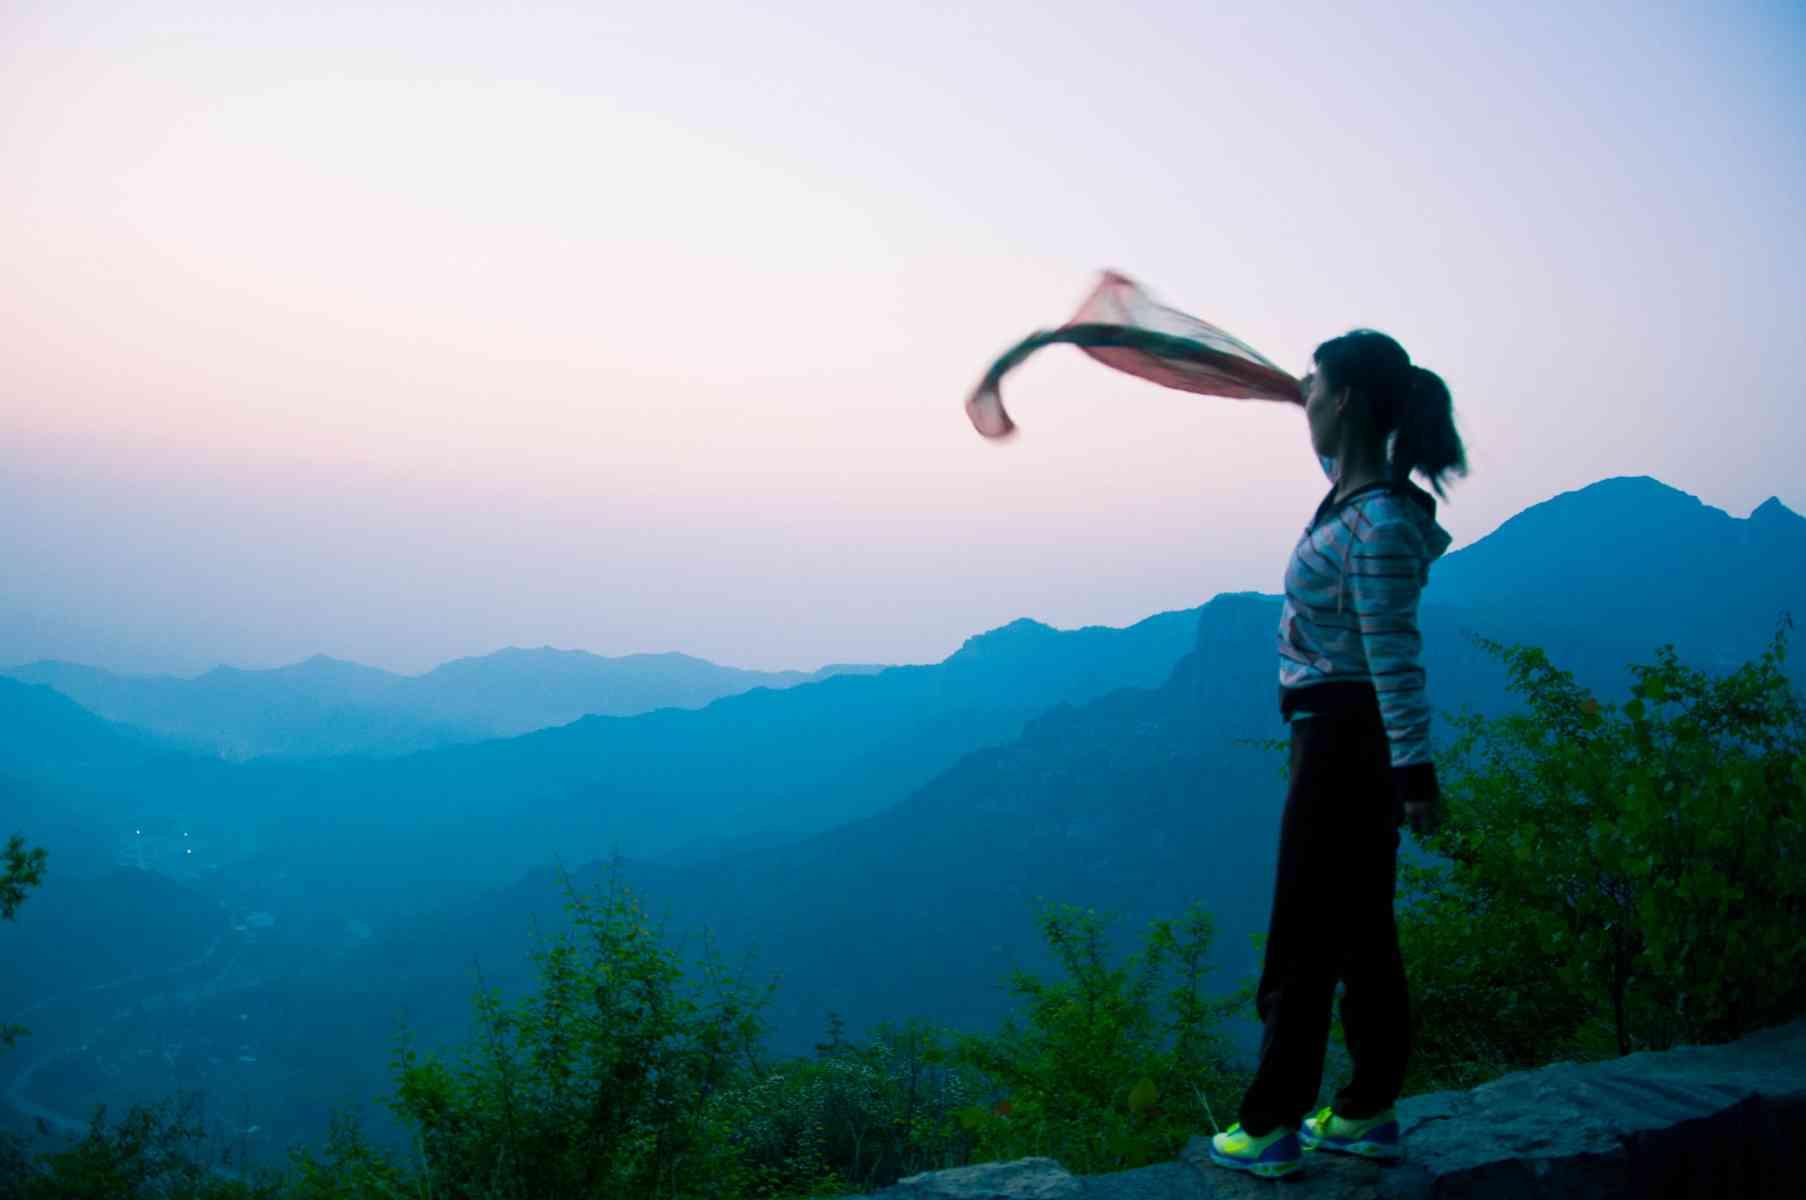 【我要做驴神】太行山下的风景—自驾新乡郭亮